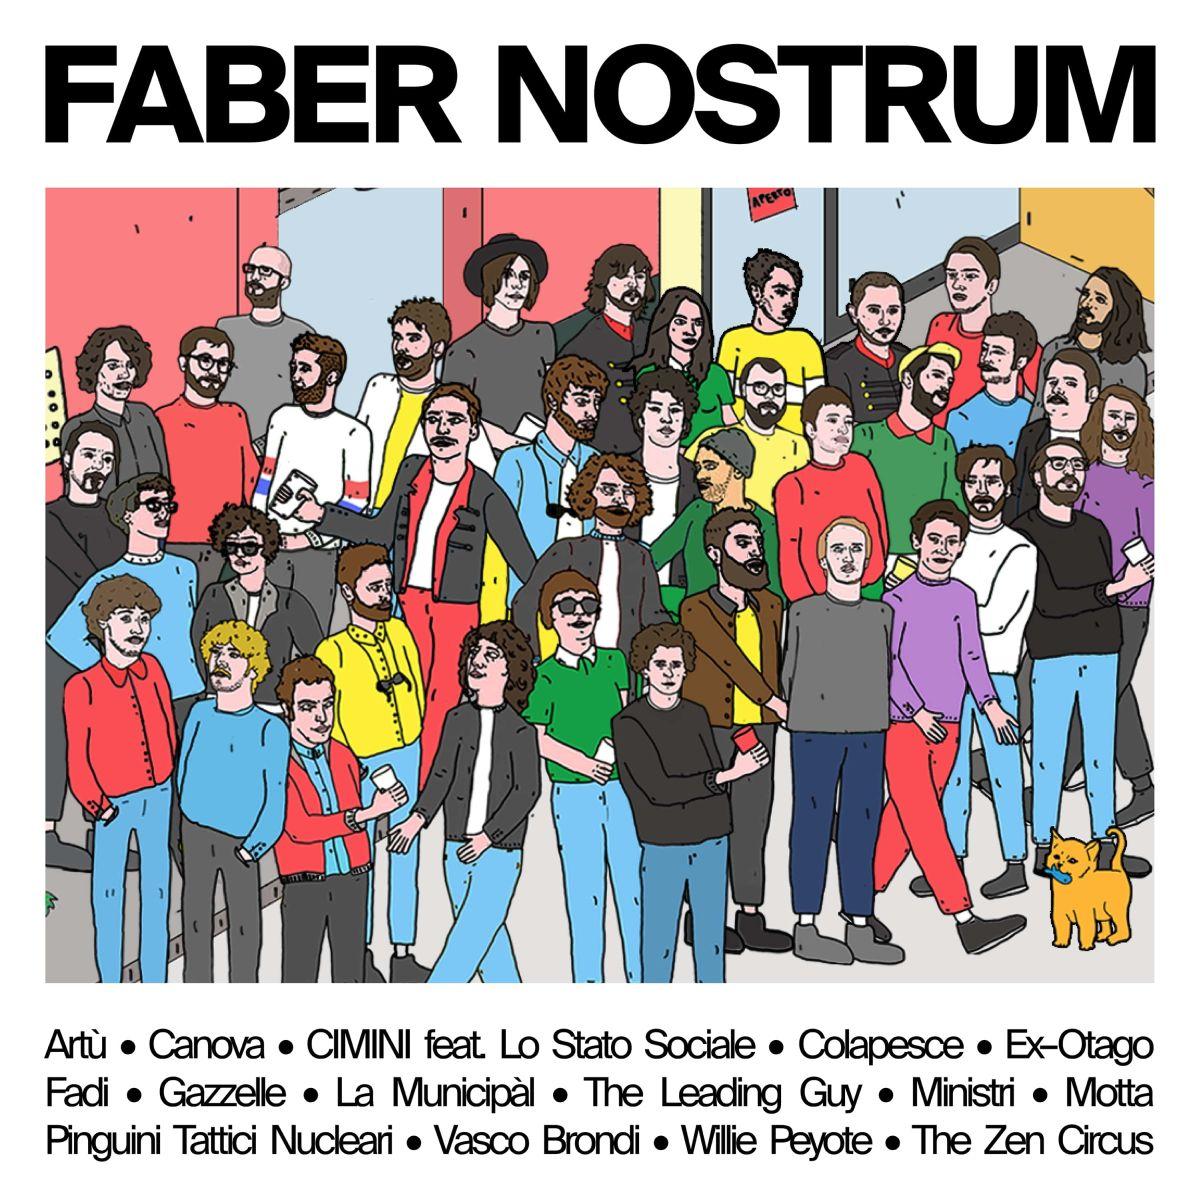 """Musica Italiana, Recensioni. """"Faber nostrum"""", il tributo della scena indie a De André che nessuno ha chiesto"""